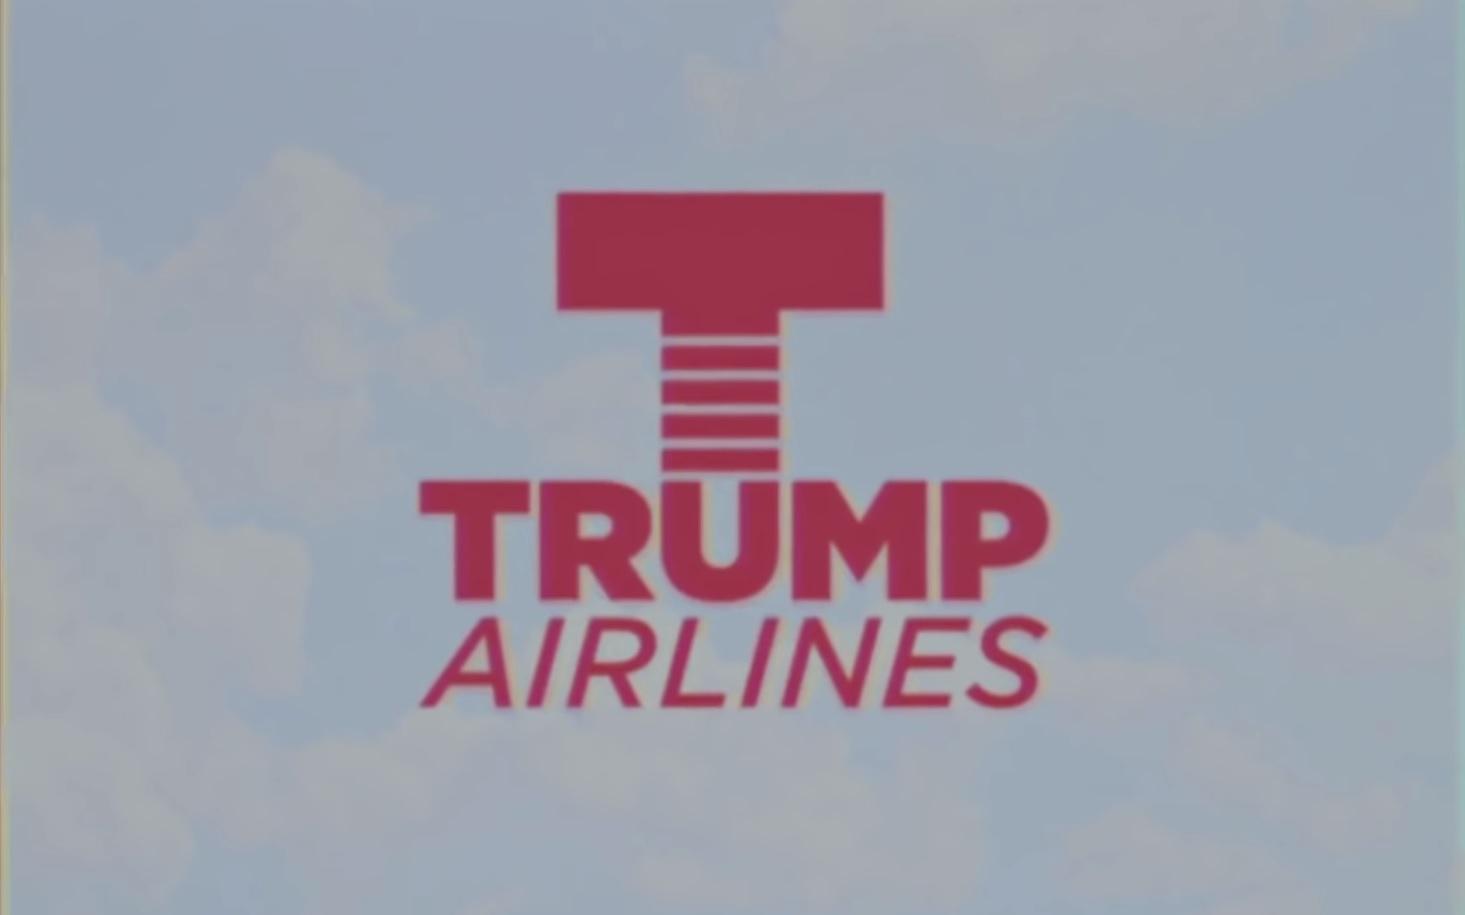 """Conan, Trump'ın Tweet'ini Tiye Almak İçin Sahte Bir """"Trump Airlines"""" Reklamı Yayımladı"""